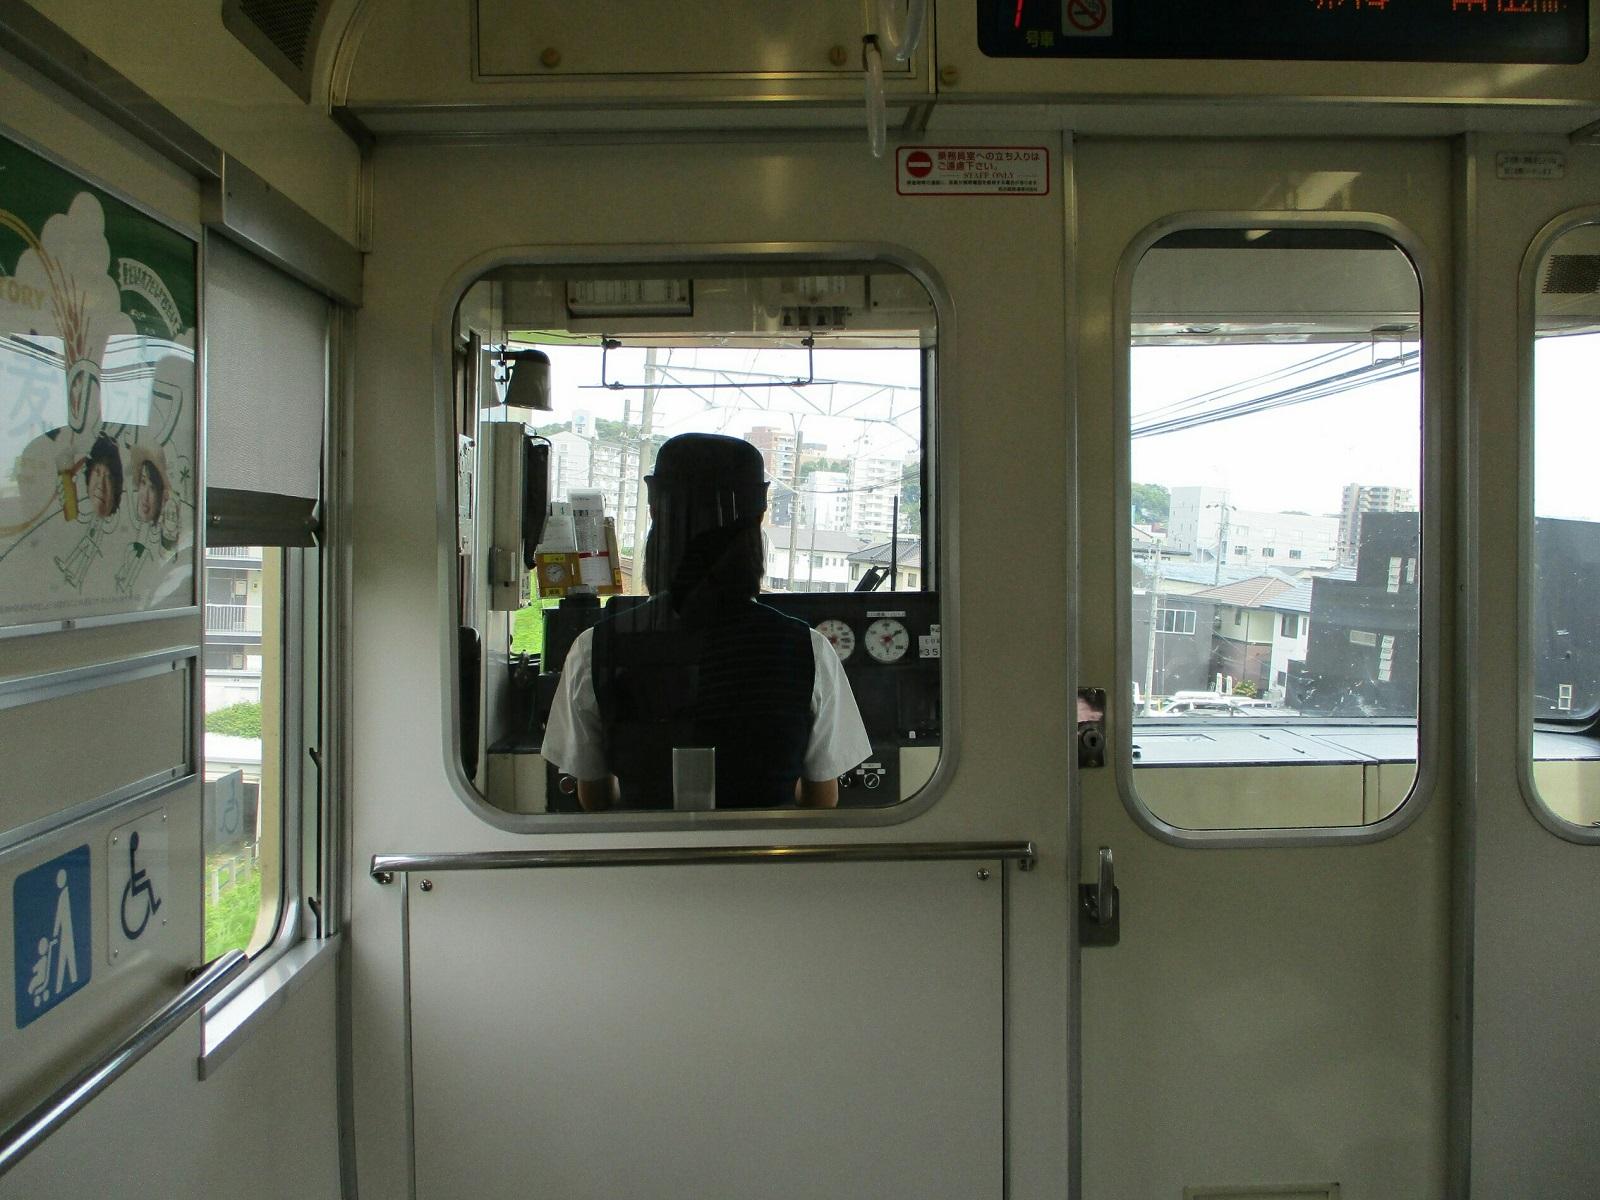 2018.7.11 (17) 東岡崎いきふつう - 岡崎公園前-東岡崎間 1600-1200